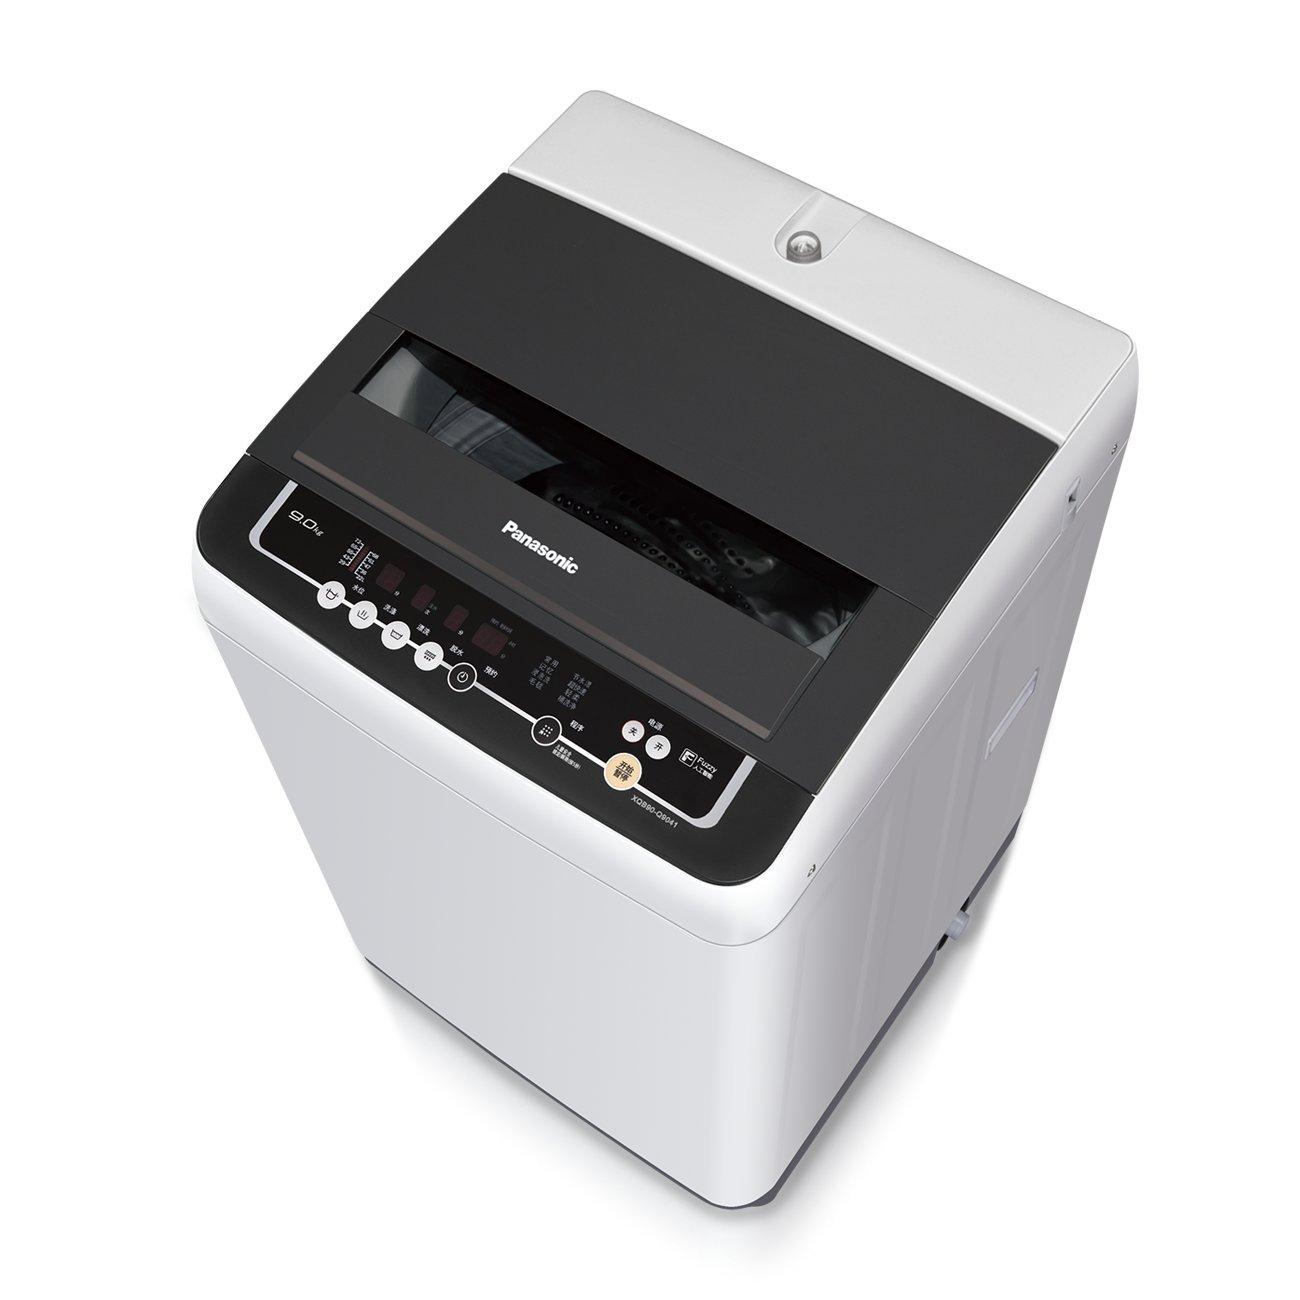 0kg全自动波轮洗衣机 xqb90-q9041